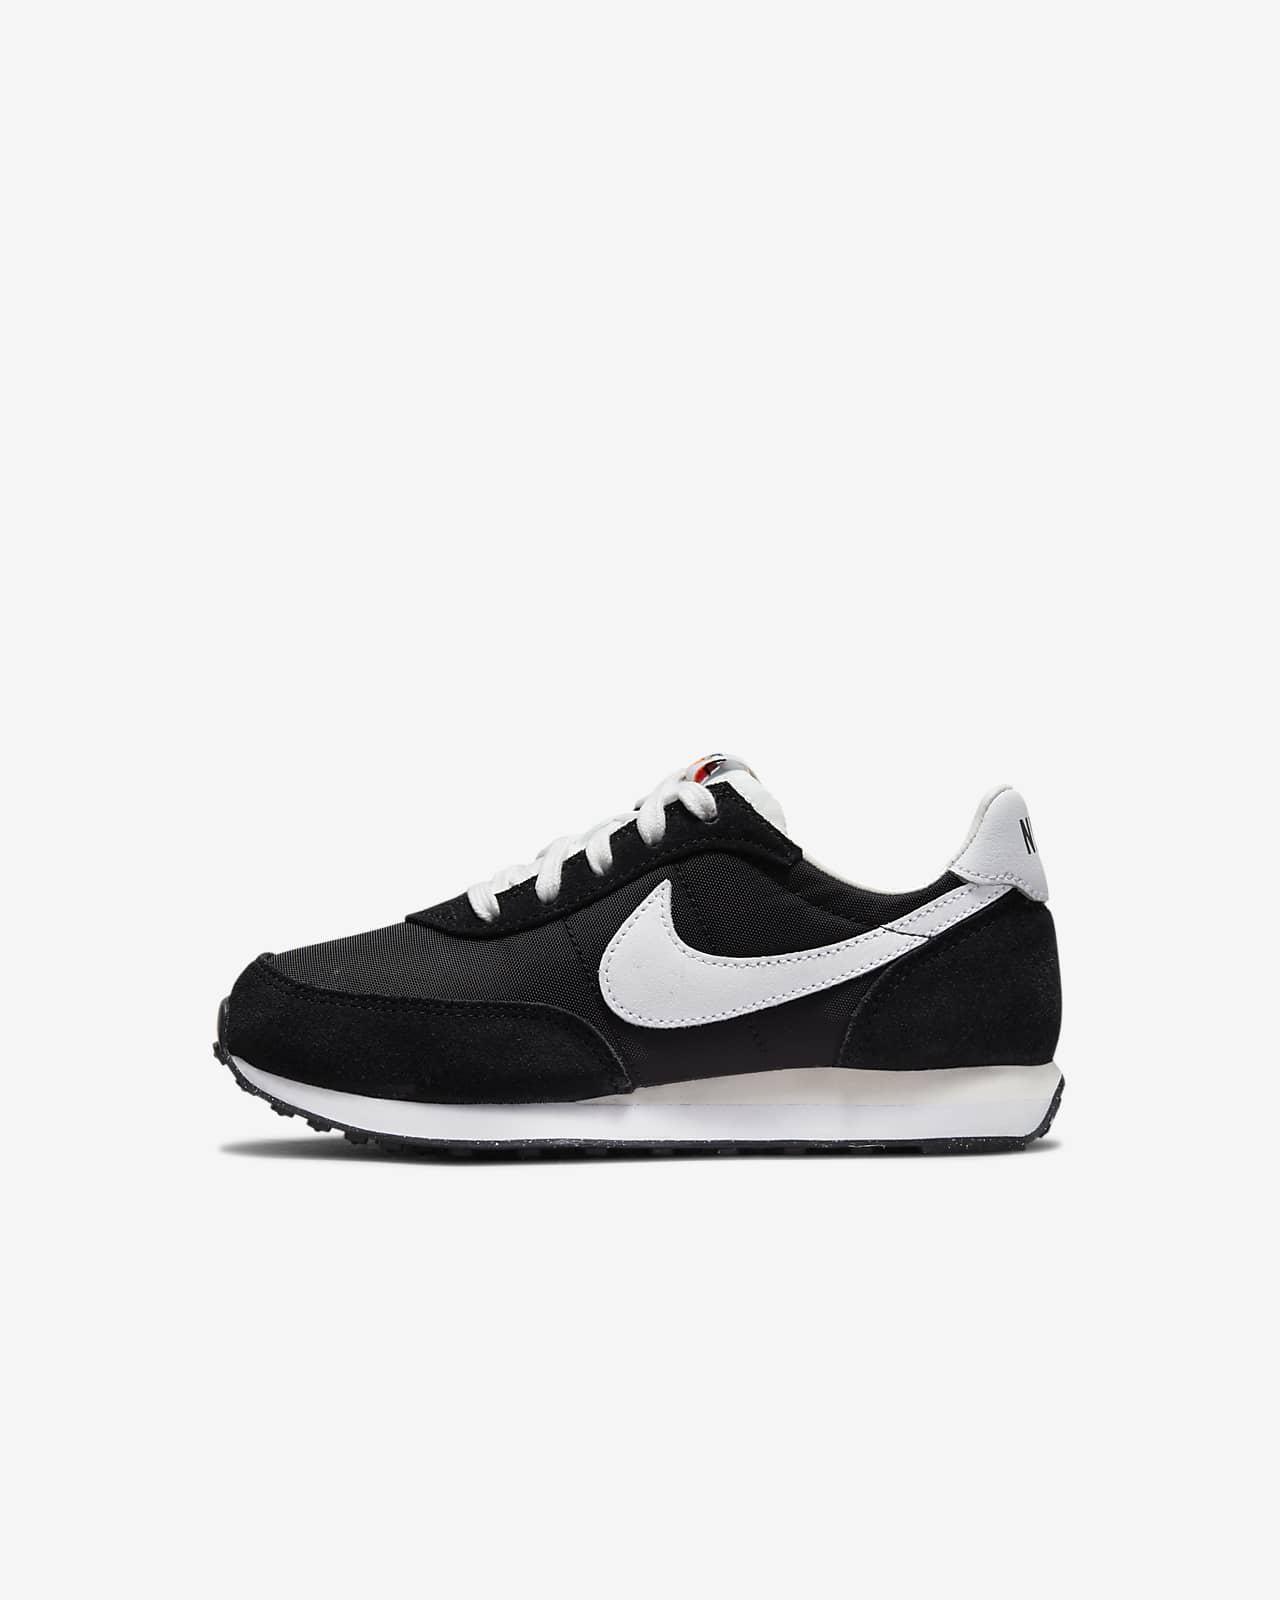 Chaussure Nike Waffle Trainer 2 pour Jeune enfant